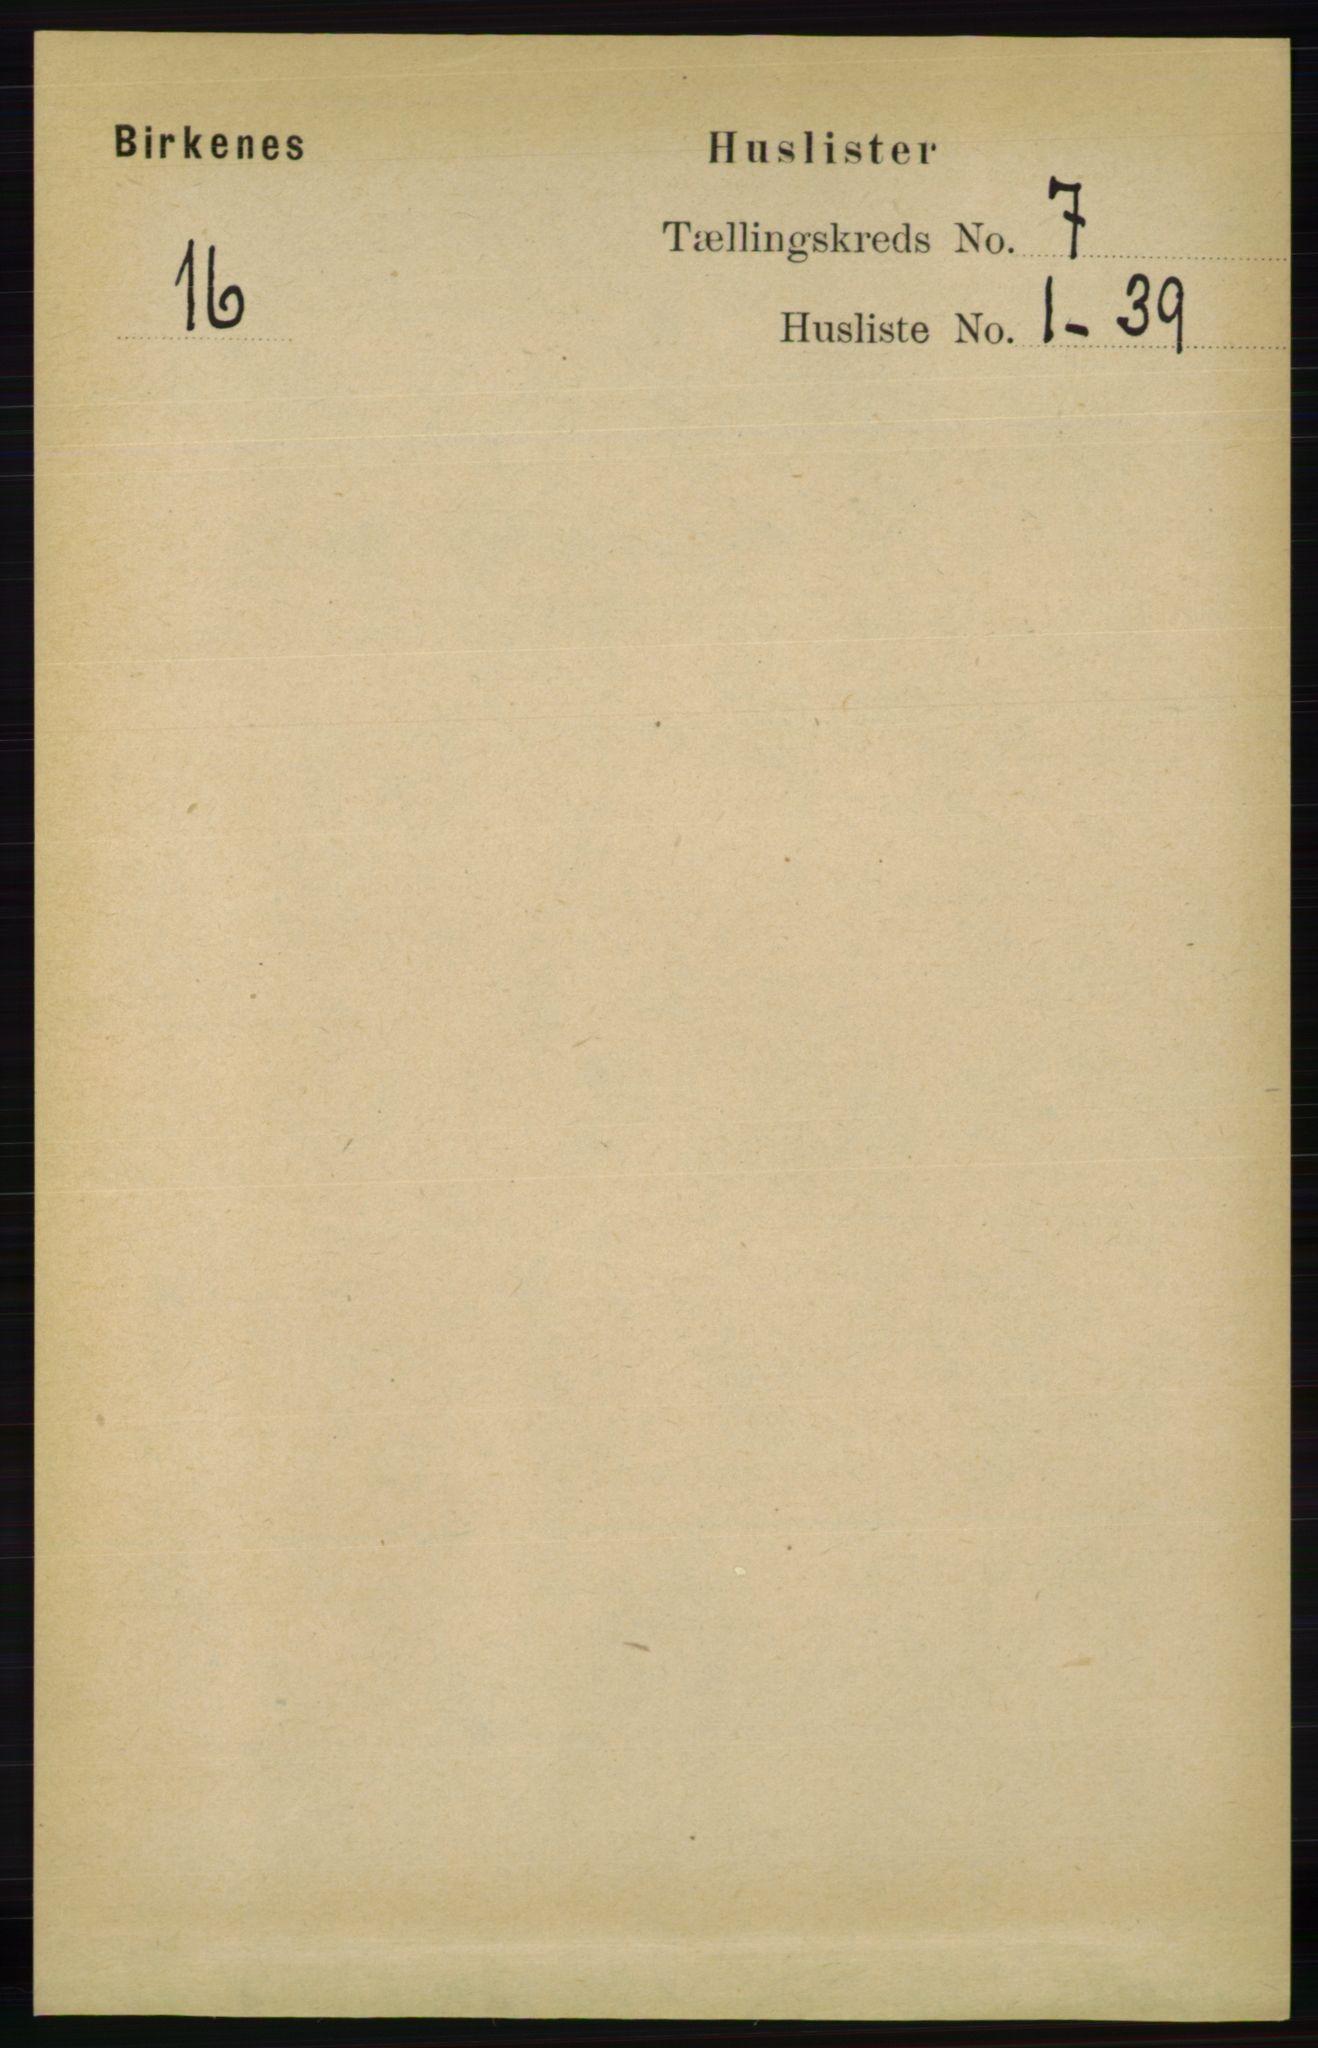 RA, Folketelling 1891 for 0928 Birkenes herred, 1891, s. 1941